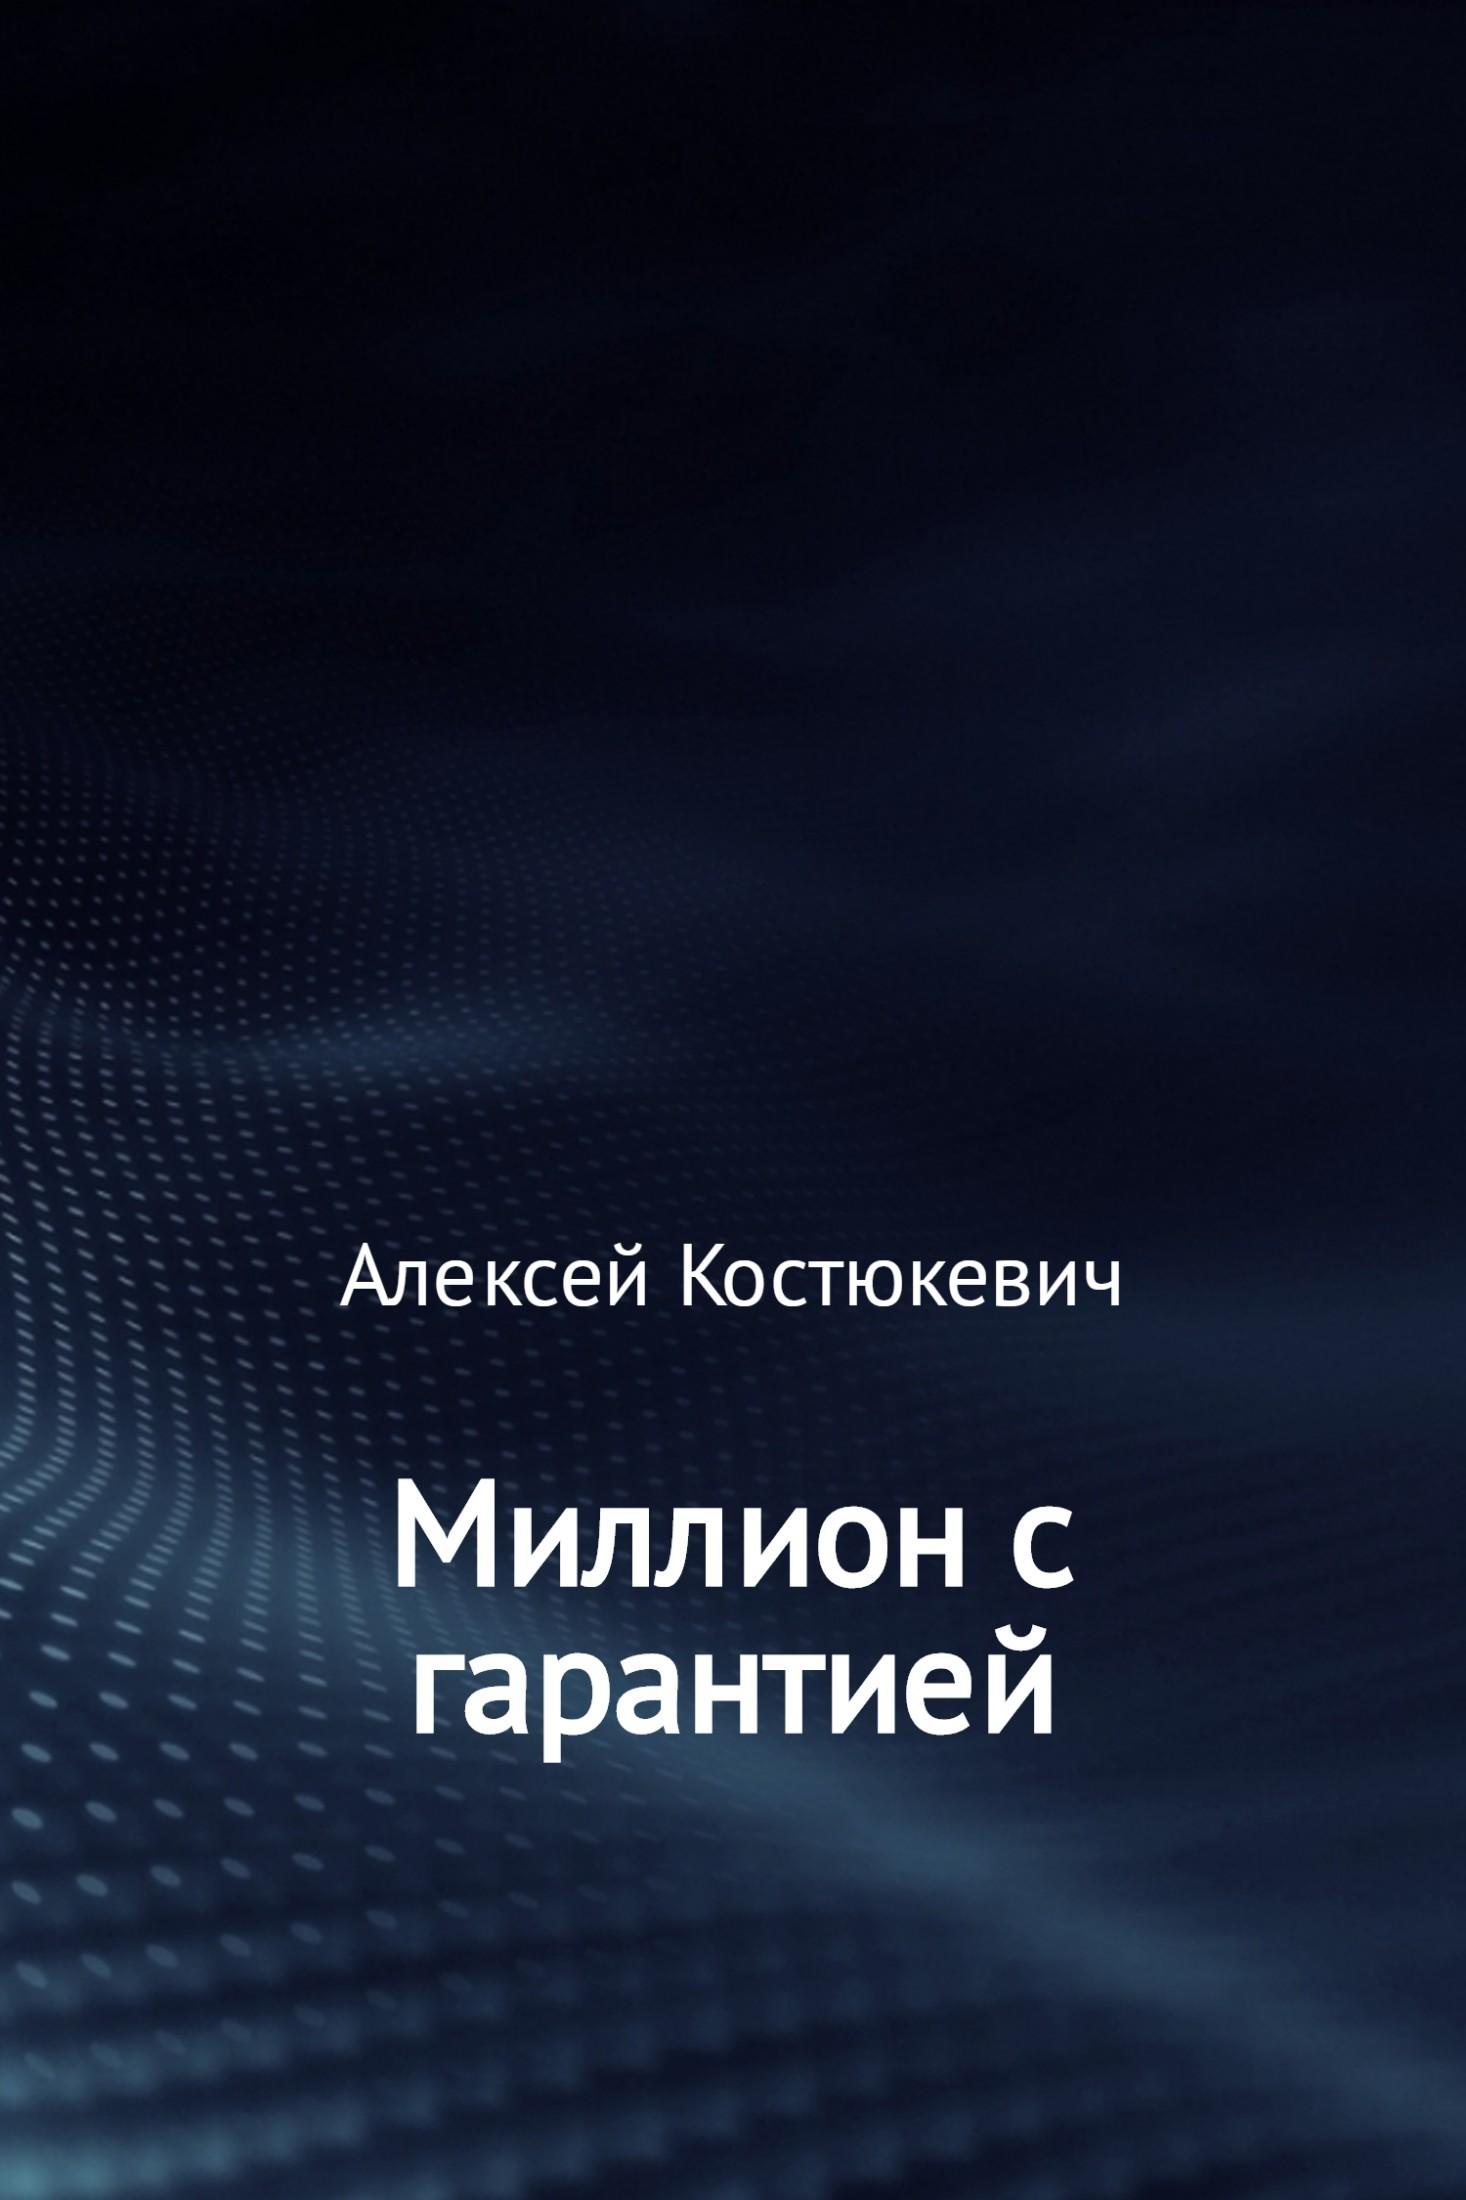 Обложка книги. Автор - Алексей Костюкевич